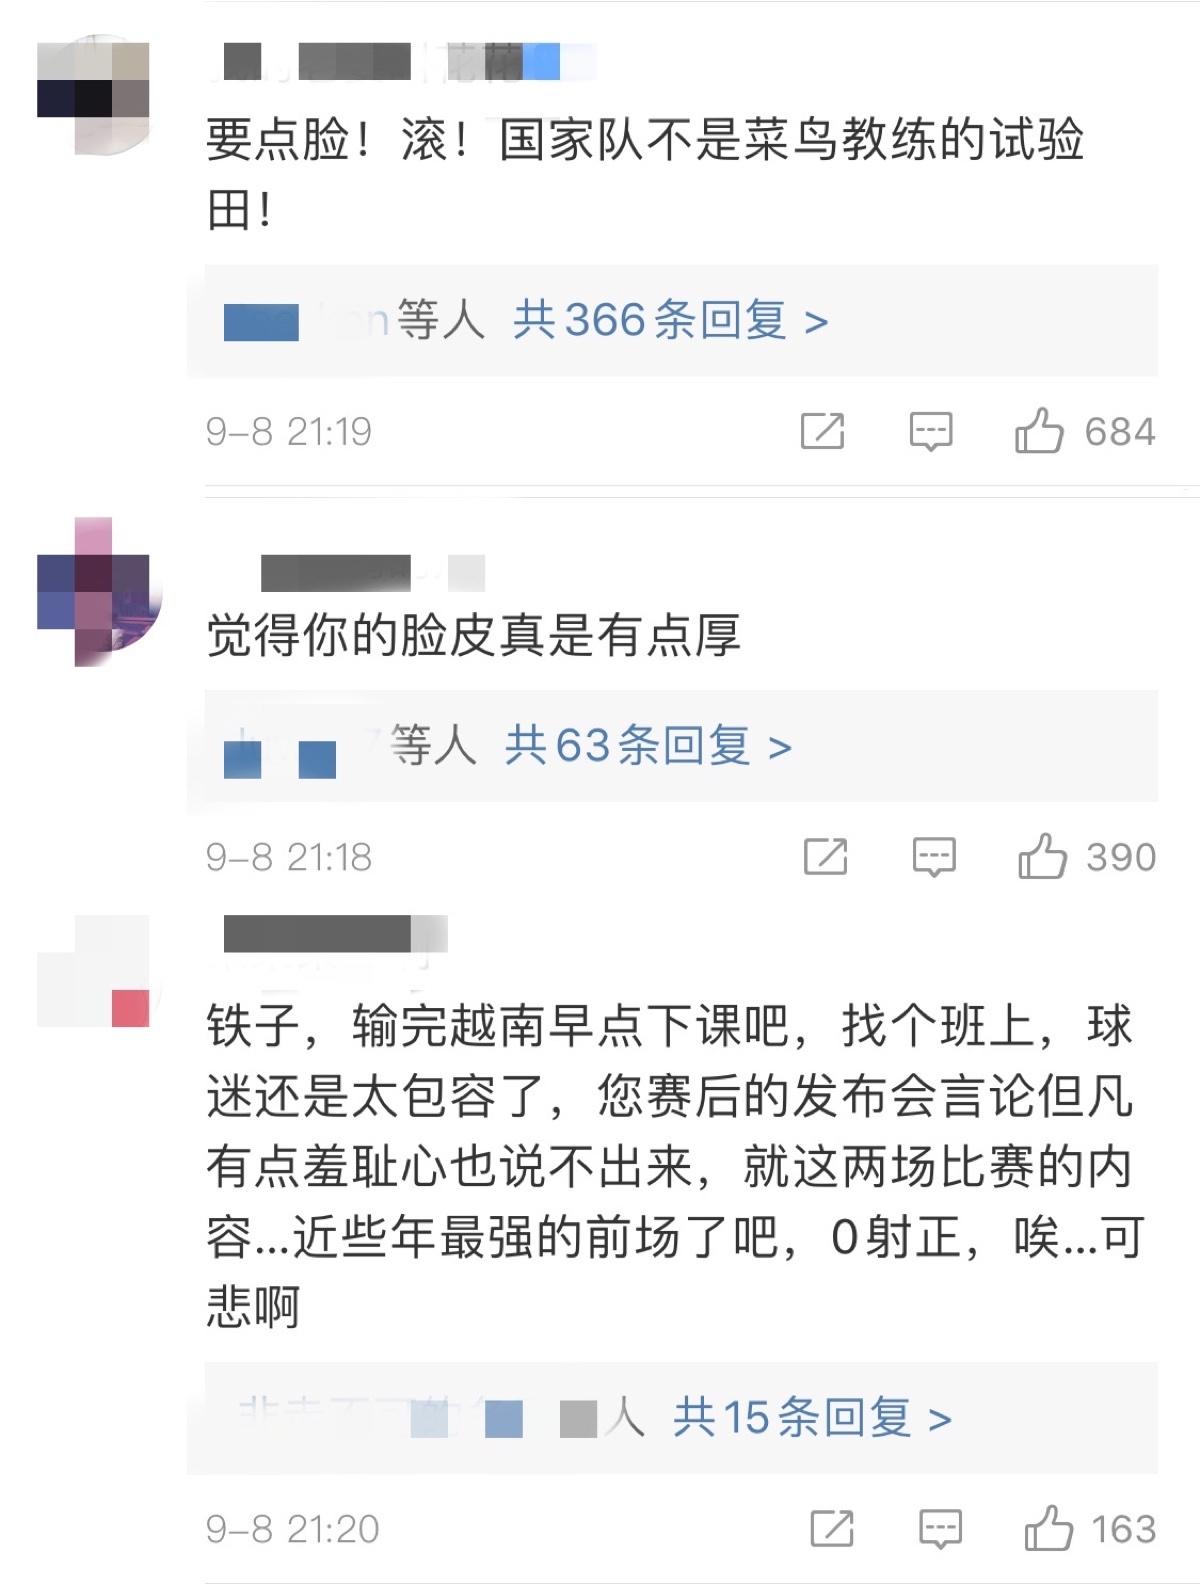 12强赛战完日本后,李铁社交媒体的评论区。